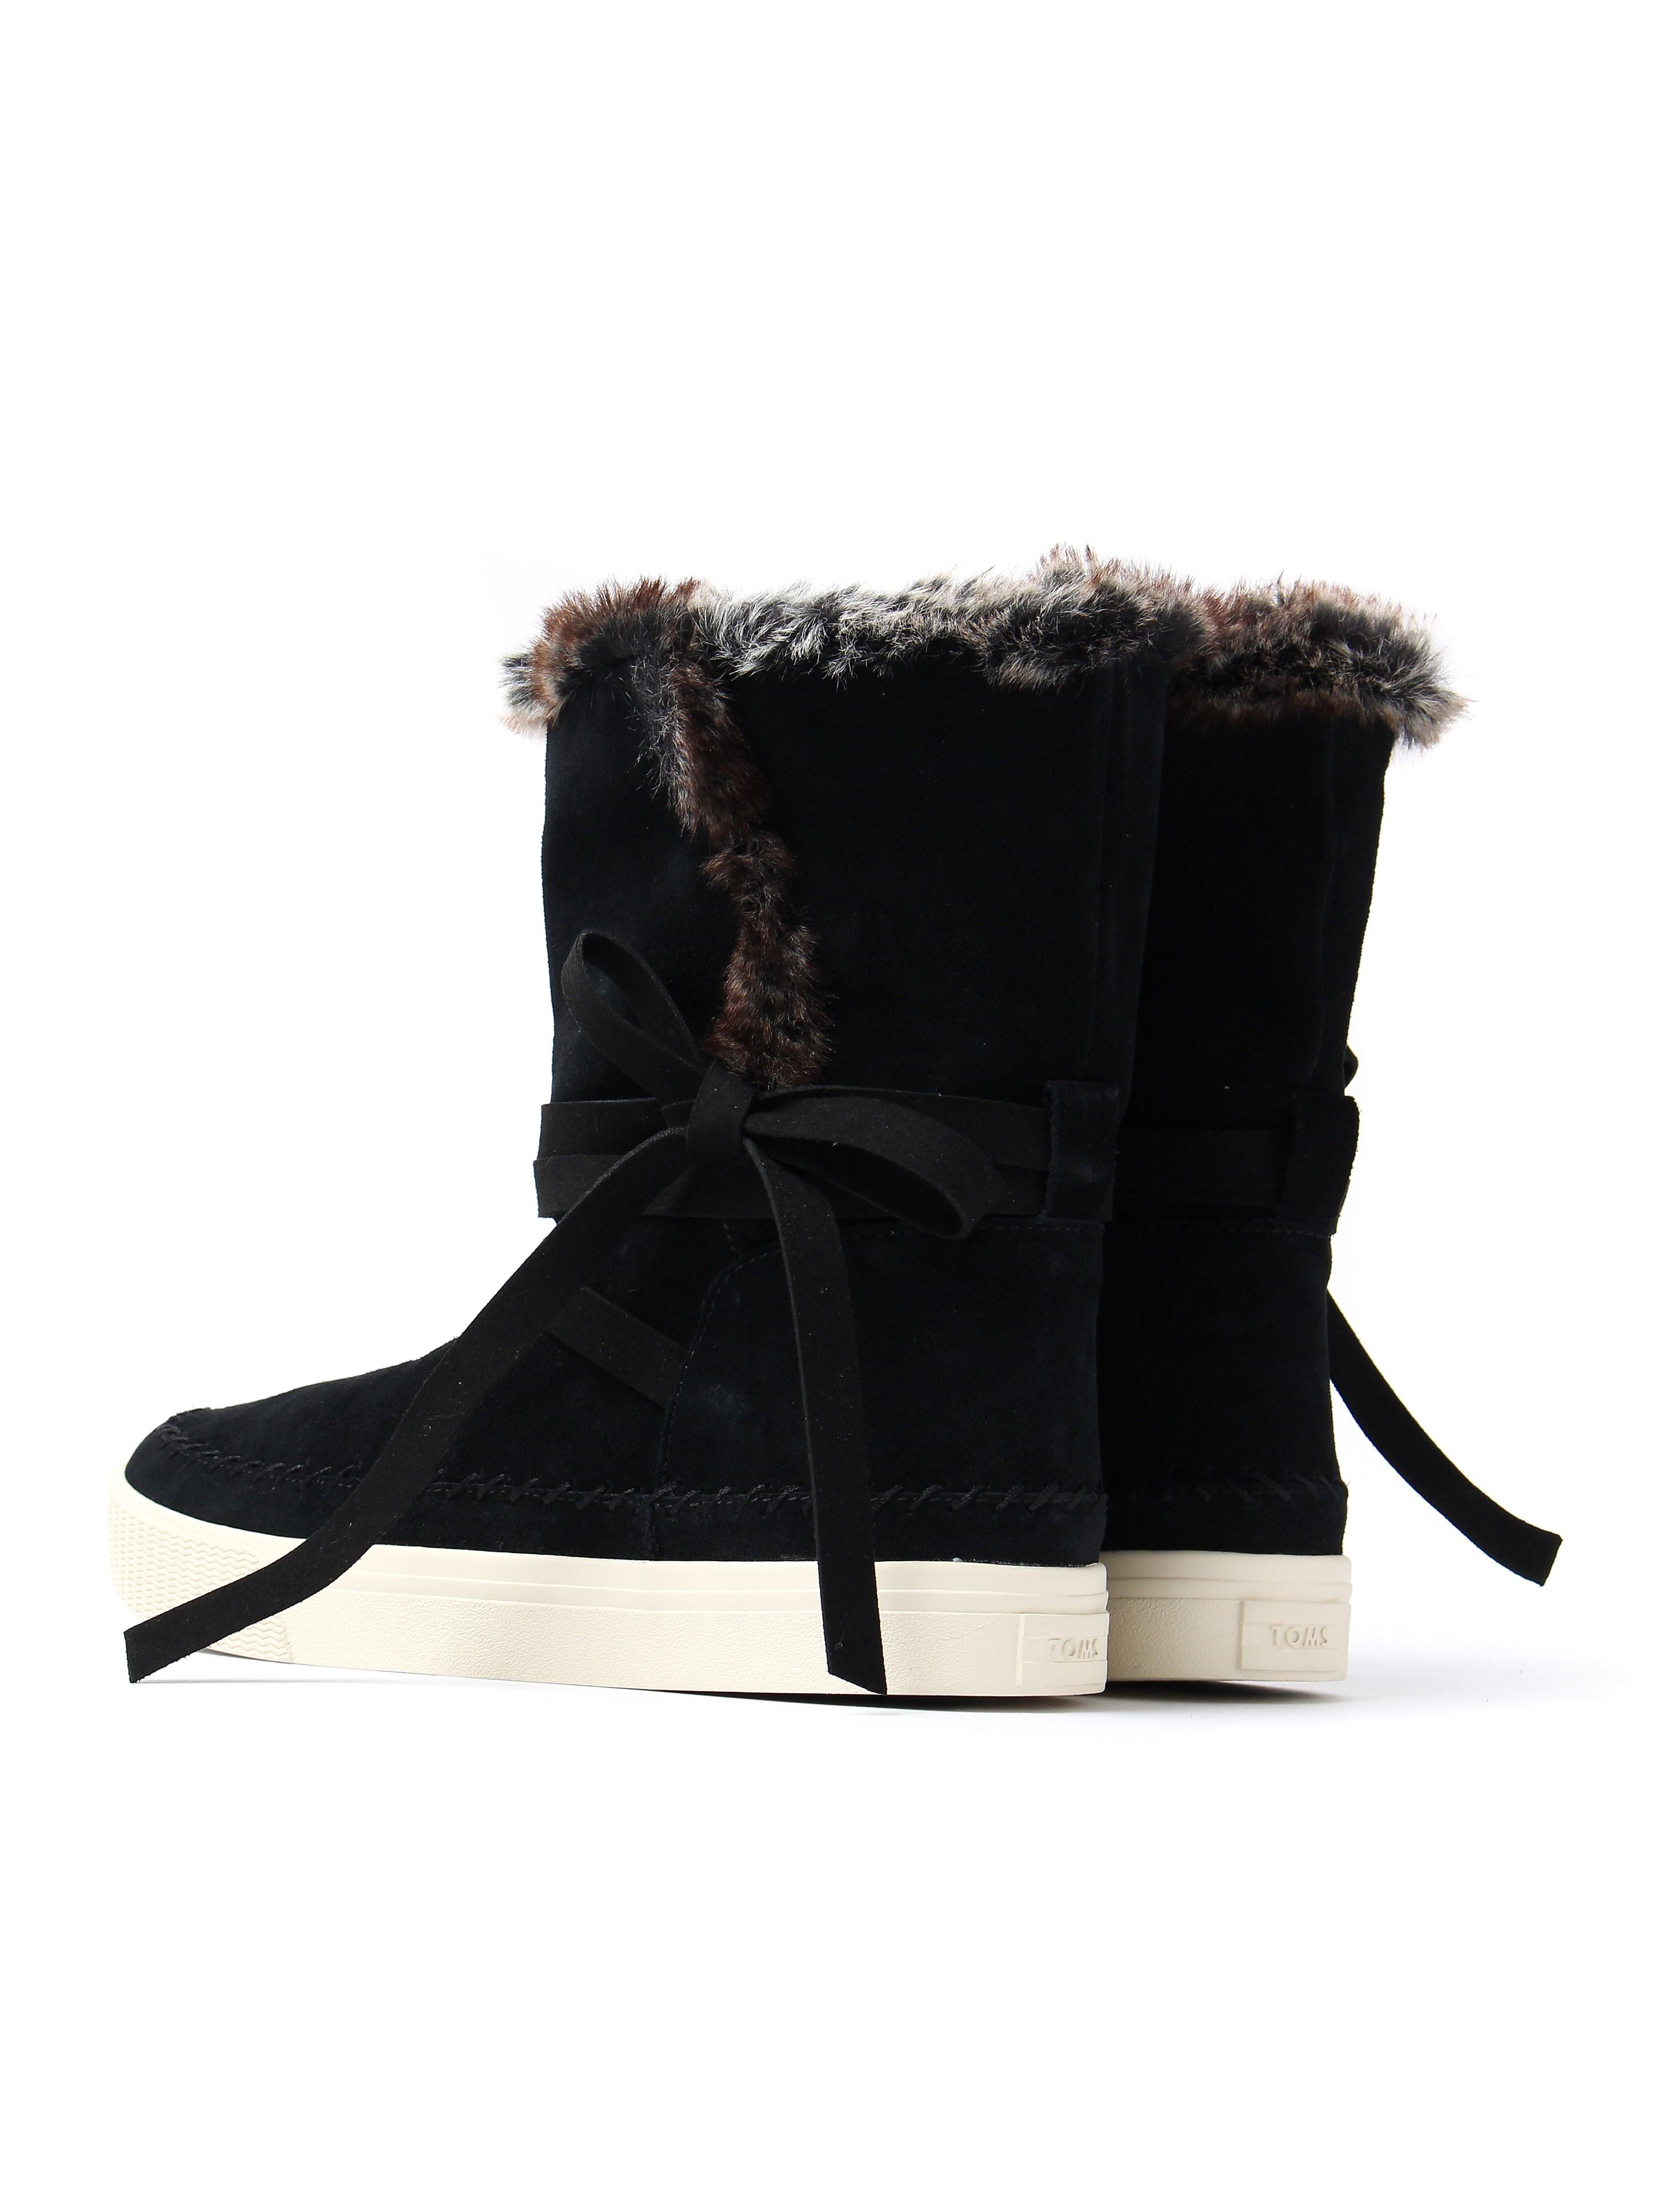 Toms Women's Vista Waterproof Boots - Black Suede